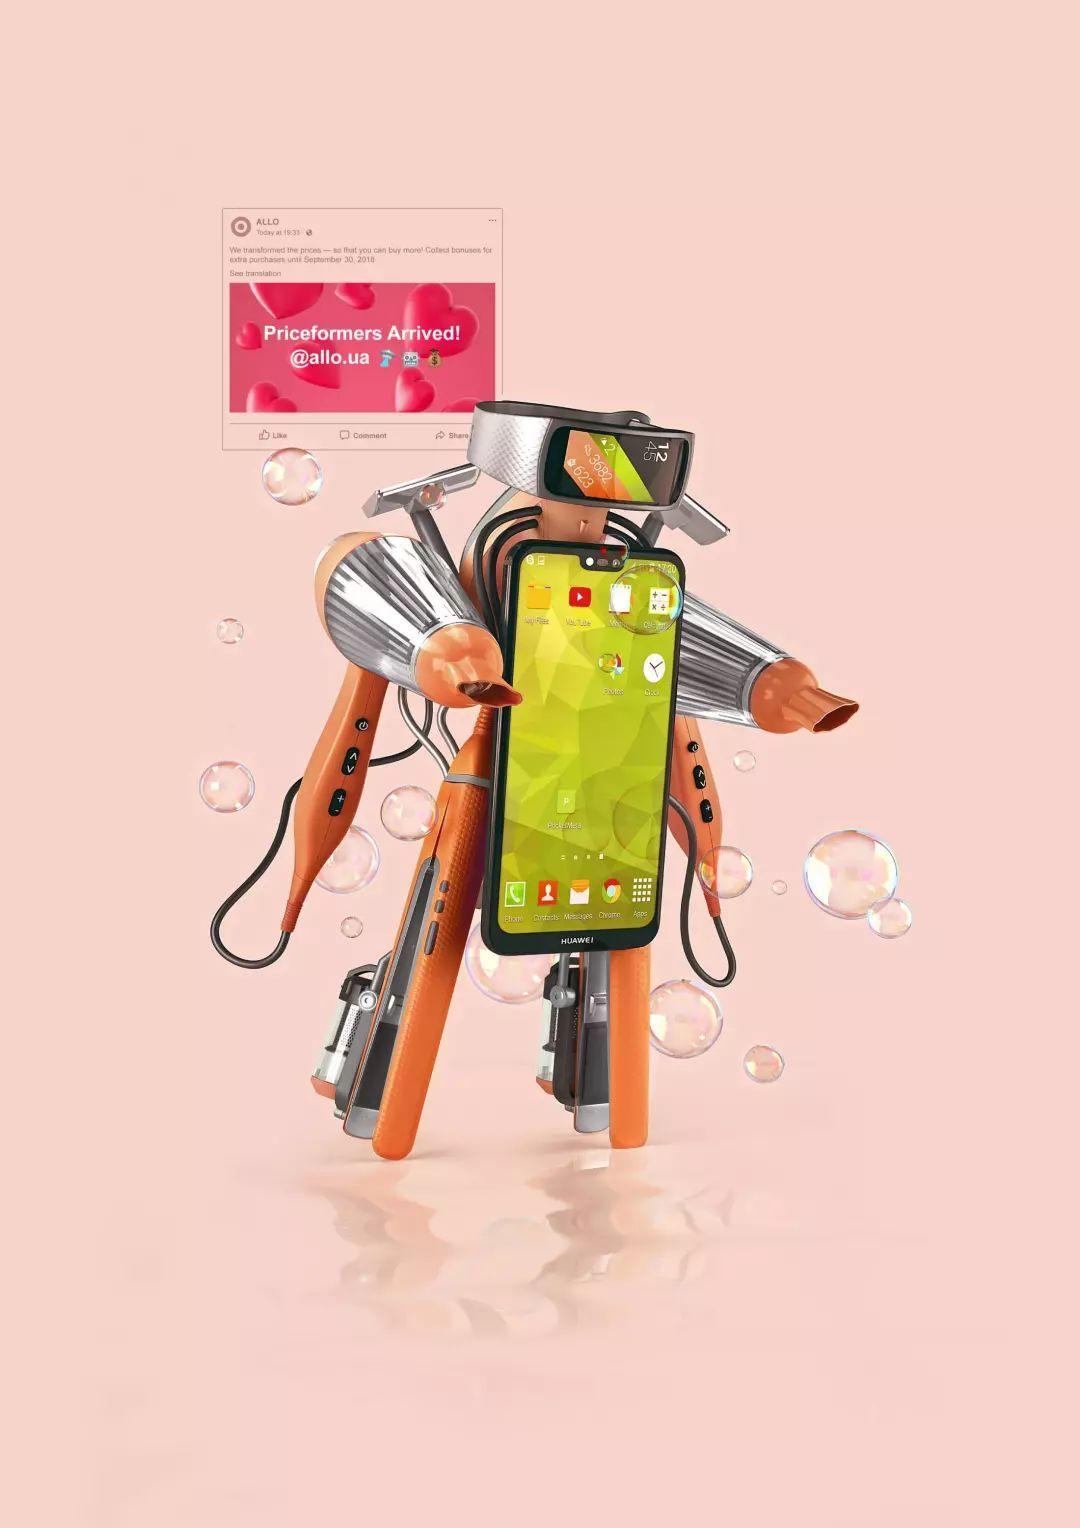 广告海报设计欣赏  有哪些优秀的电子产品广告海报